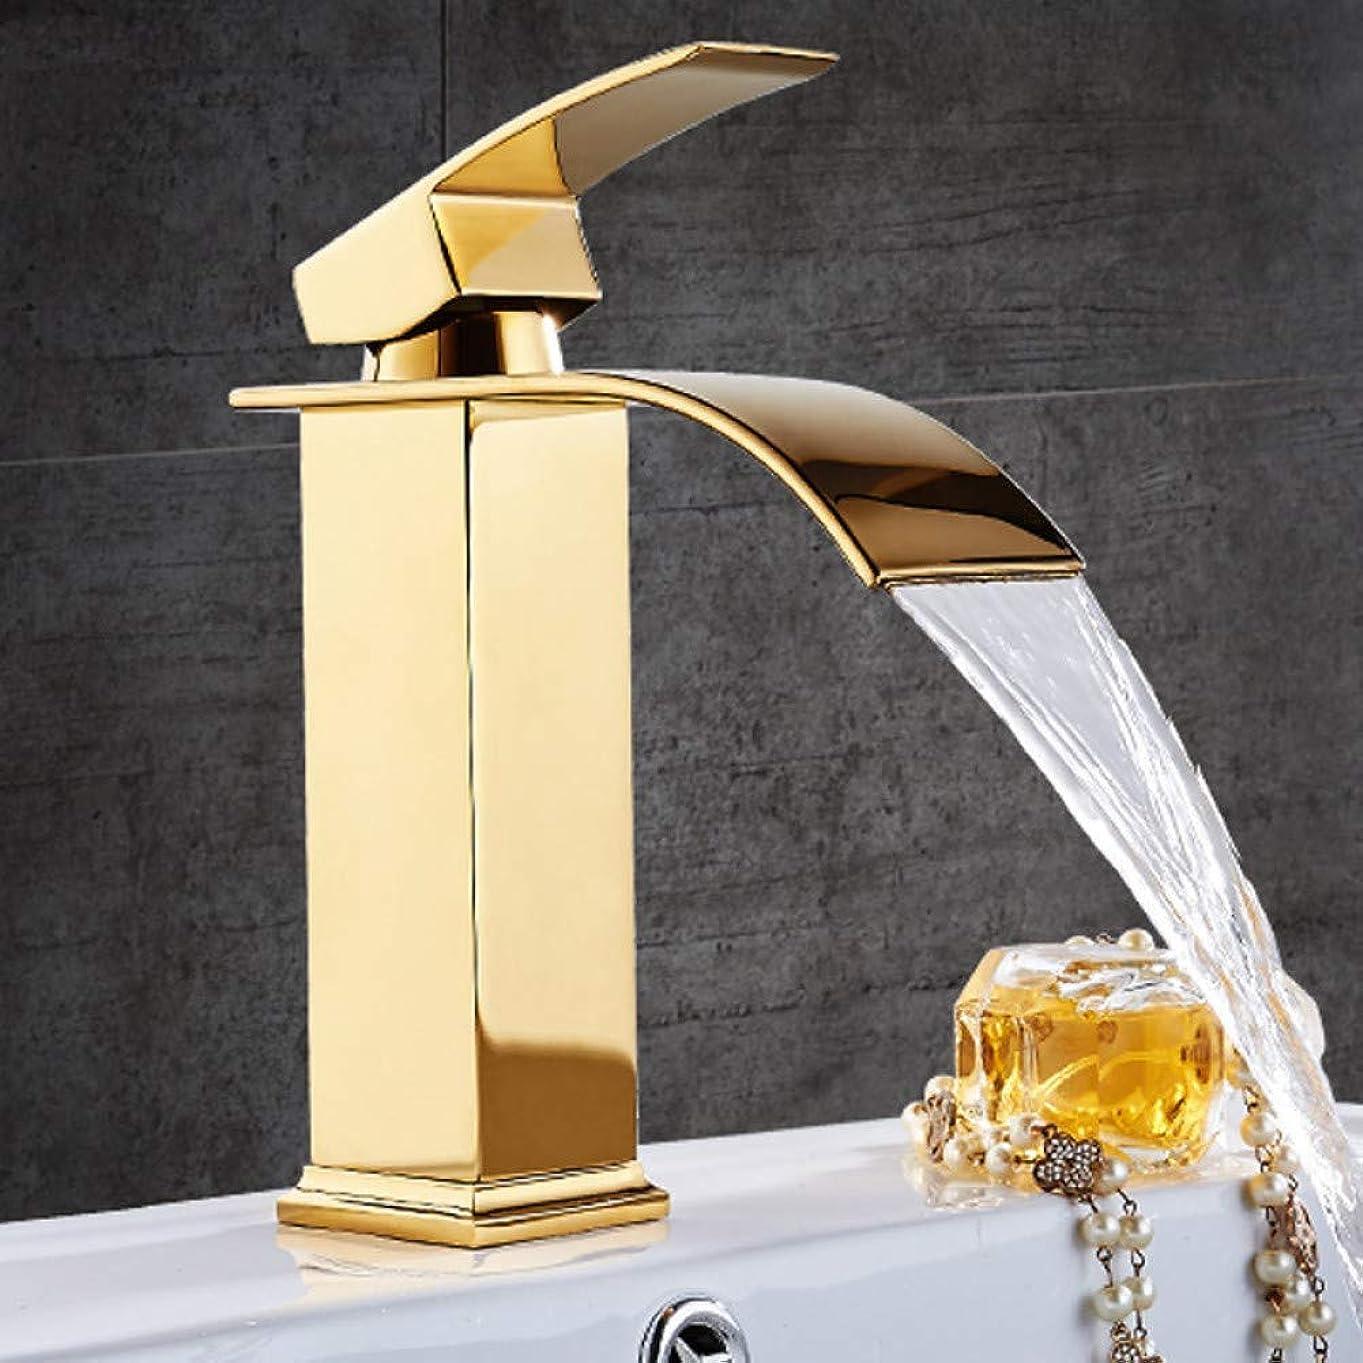 有害ポルノズームインするHF-ZEN 立体水栓 万能水栓 シングルハンドルの蛇口シンクホット&コールドフラット口洗面タップ、真鍮の滝流域の浴室の蛇口ミキサー